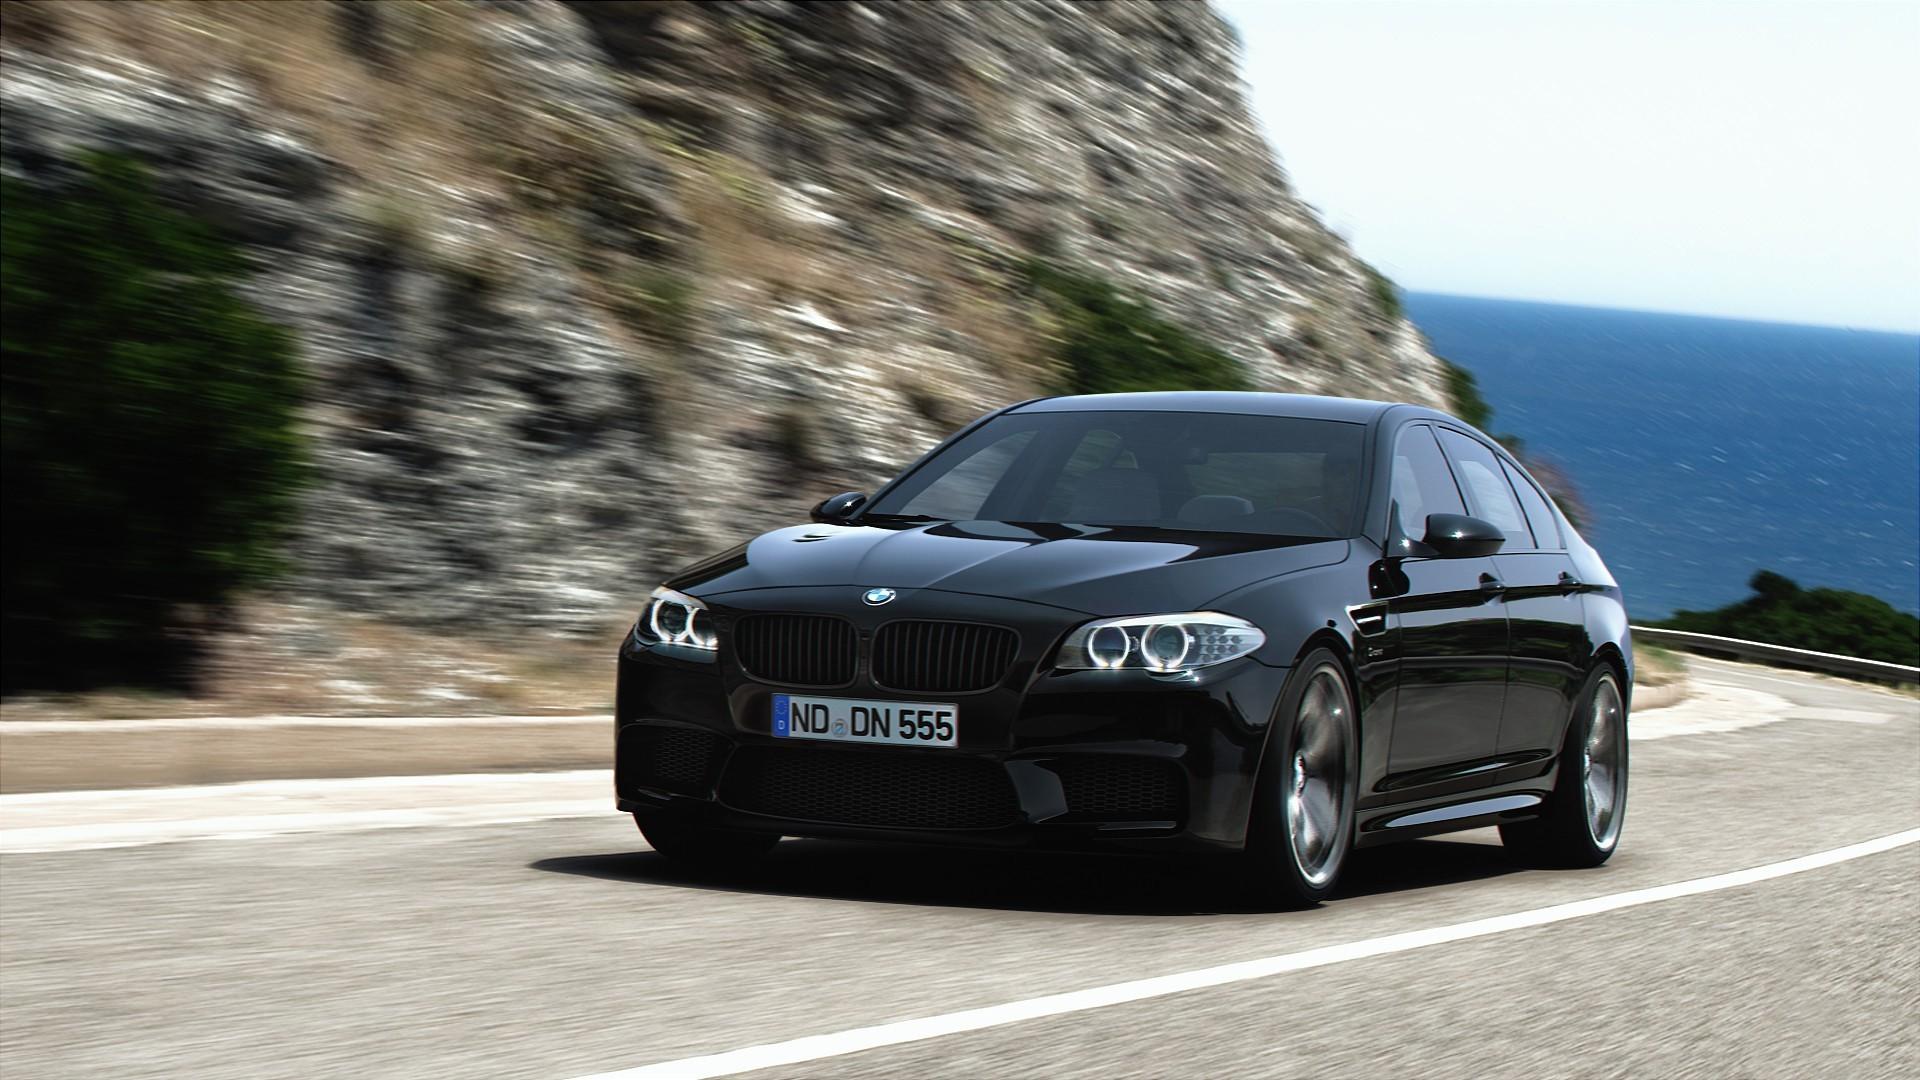 Wallpaper : 1920x1080 px, BMW M5 1920x1080 ...